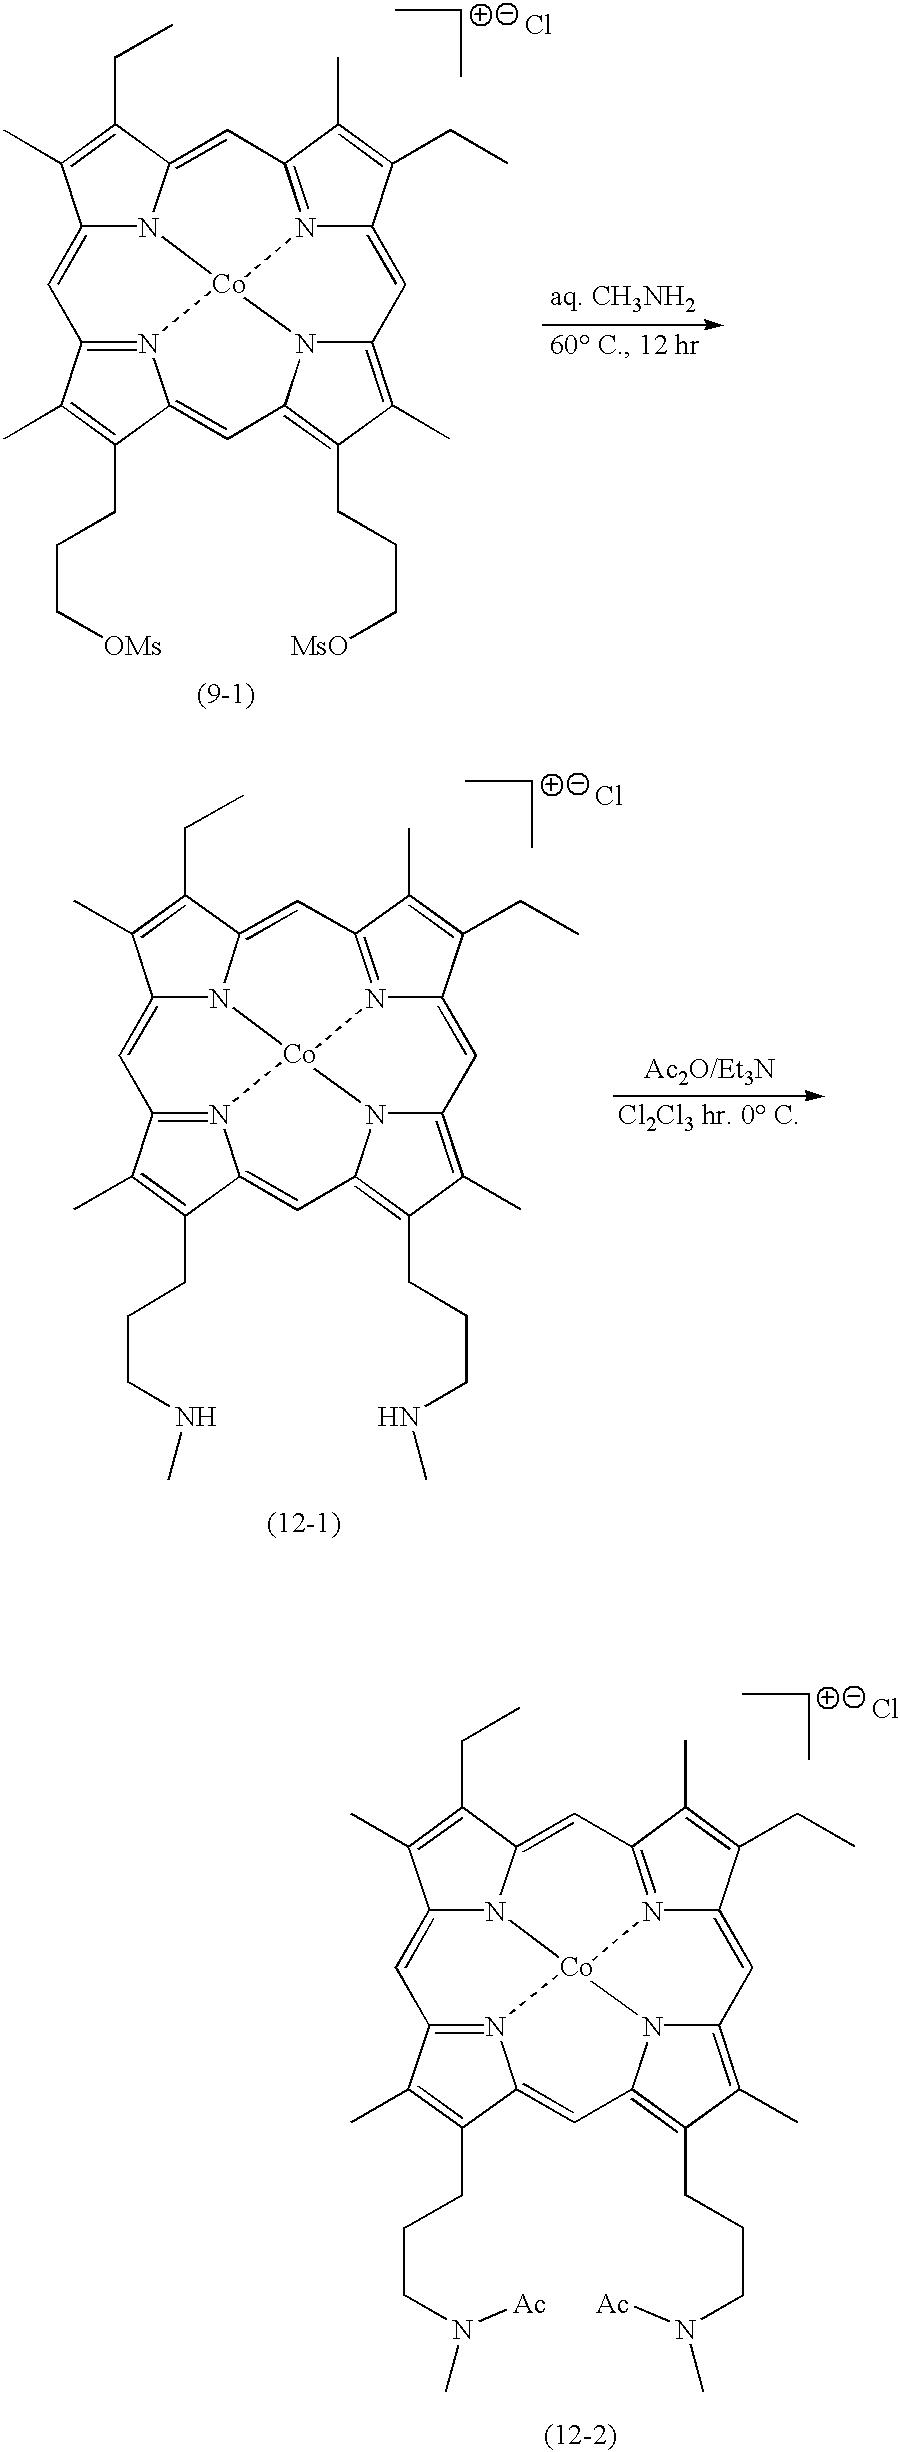 Figure US20020165216A1-20021107-C00023